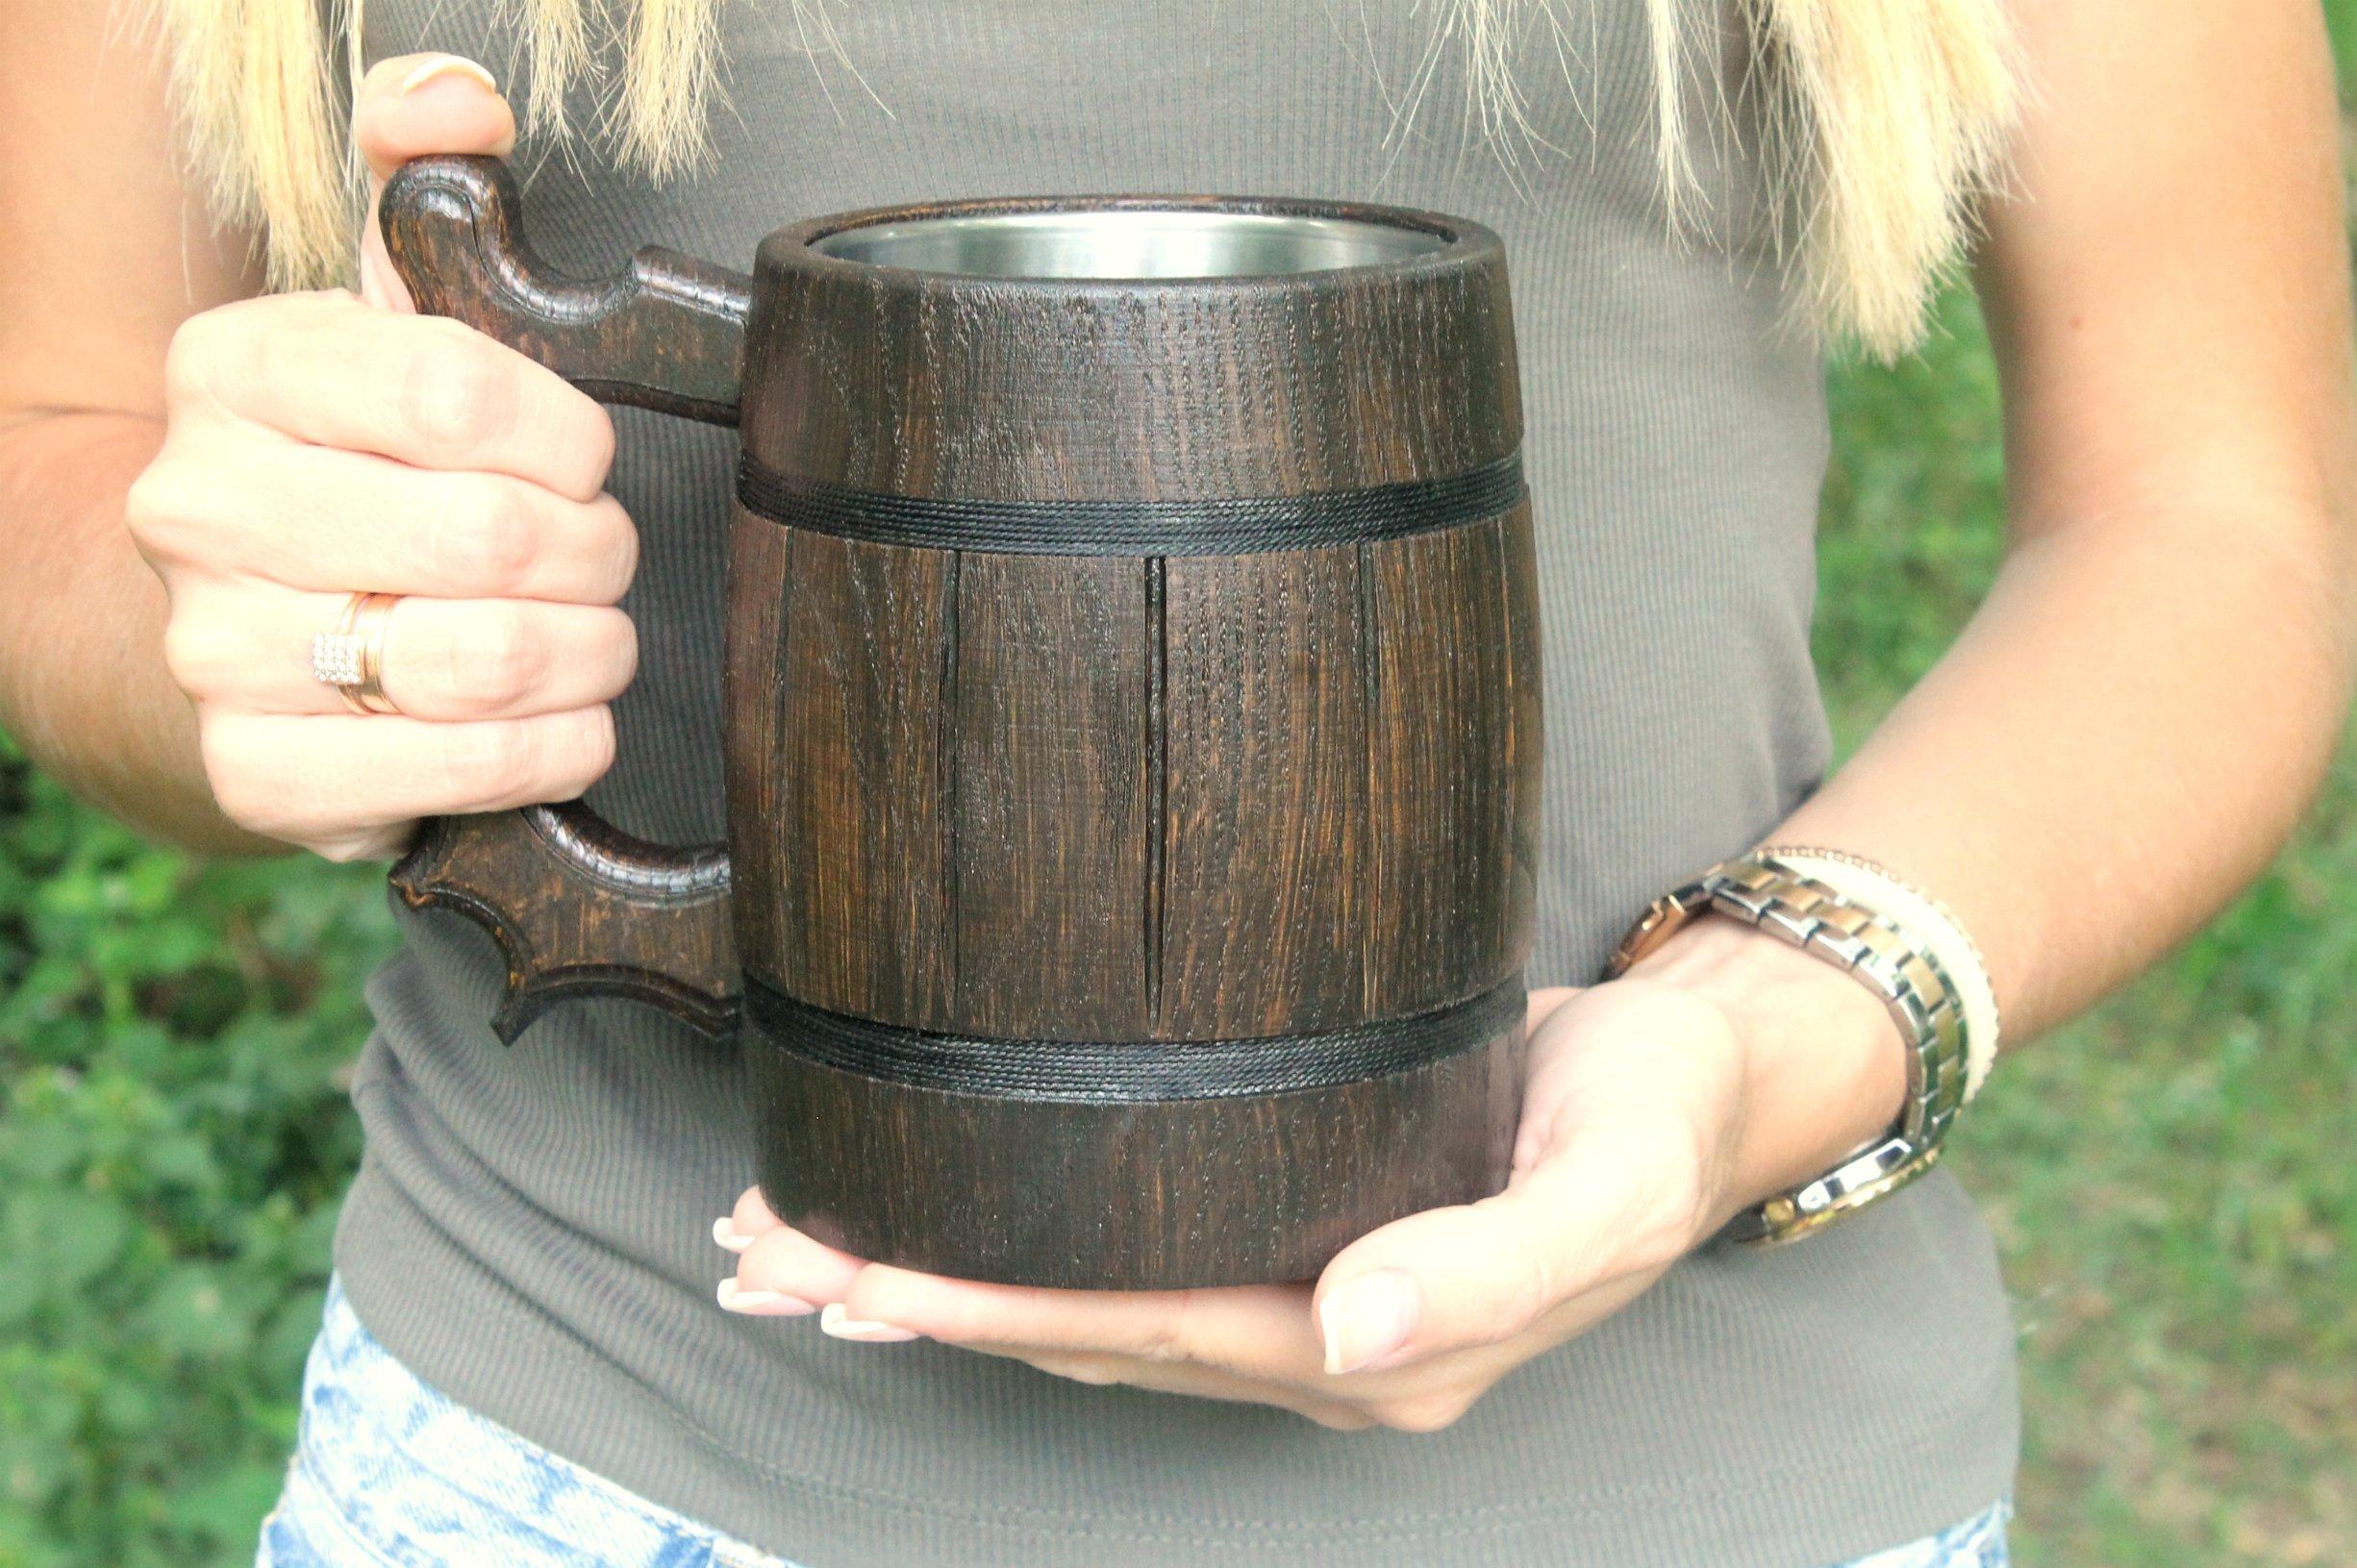 Wooden Beer Mug Eco-Friendly 20oz 0.6L Stainless Steel Cup Men Brown Wood Tankard Wedding Gift Beer Mug